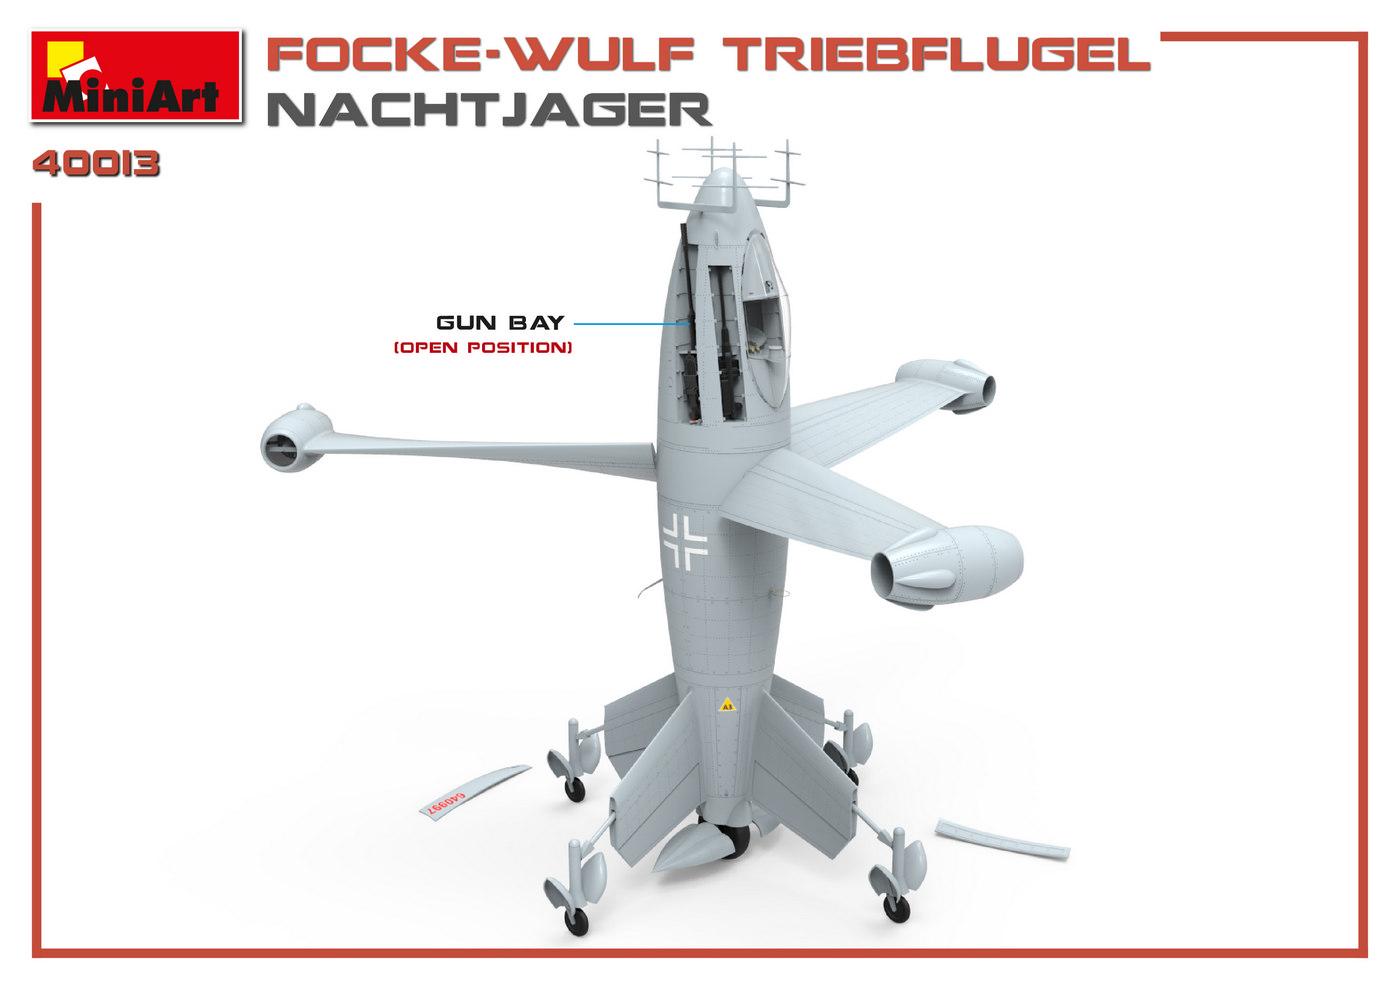 1/35 FOCKE WULF TRIEBFLUGEL NACHTJAGER 40013